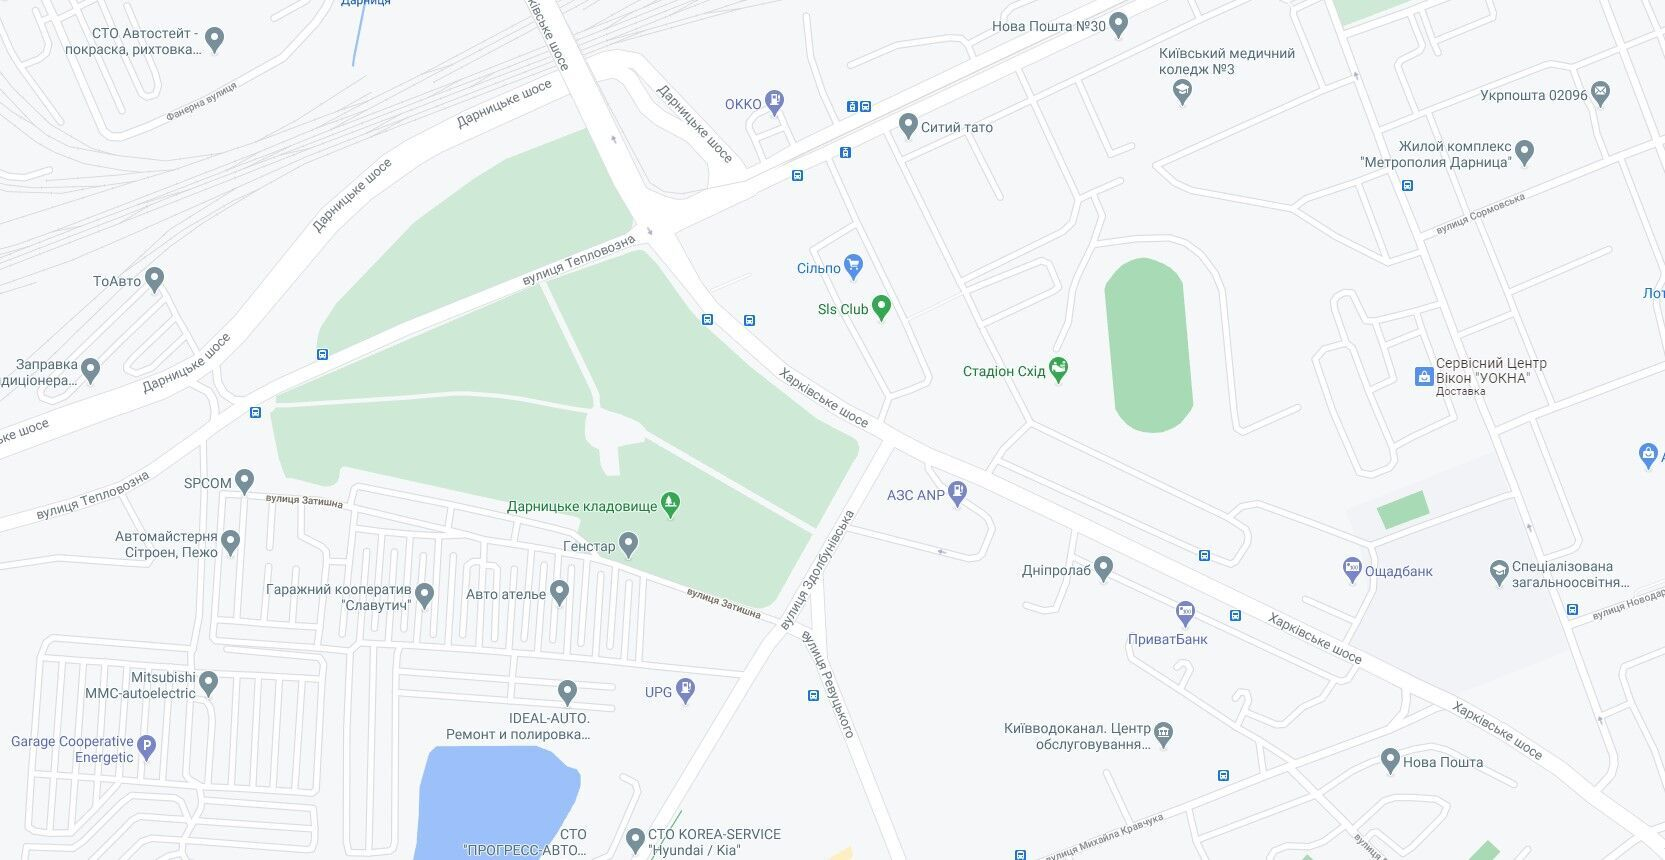 ДТП произошло на перекрестке улиц Здолбуновской и Харьковского шоссе.